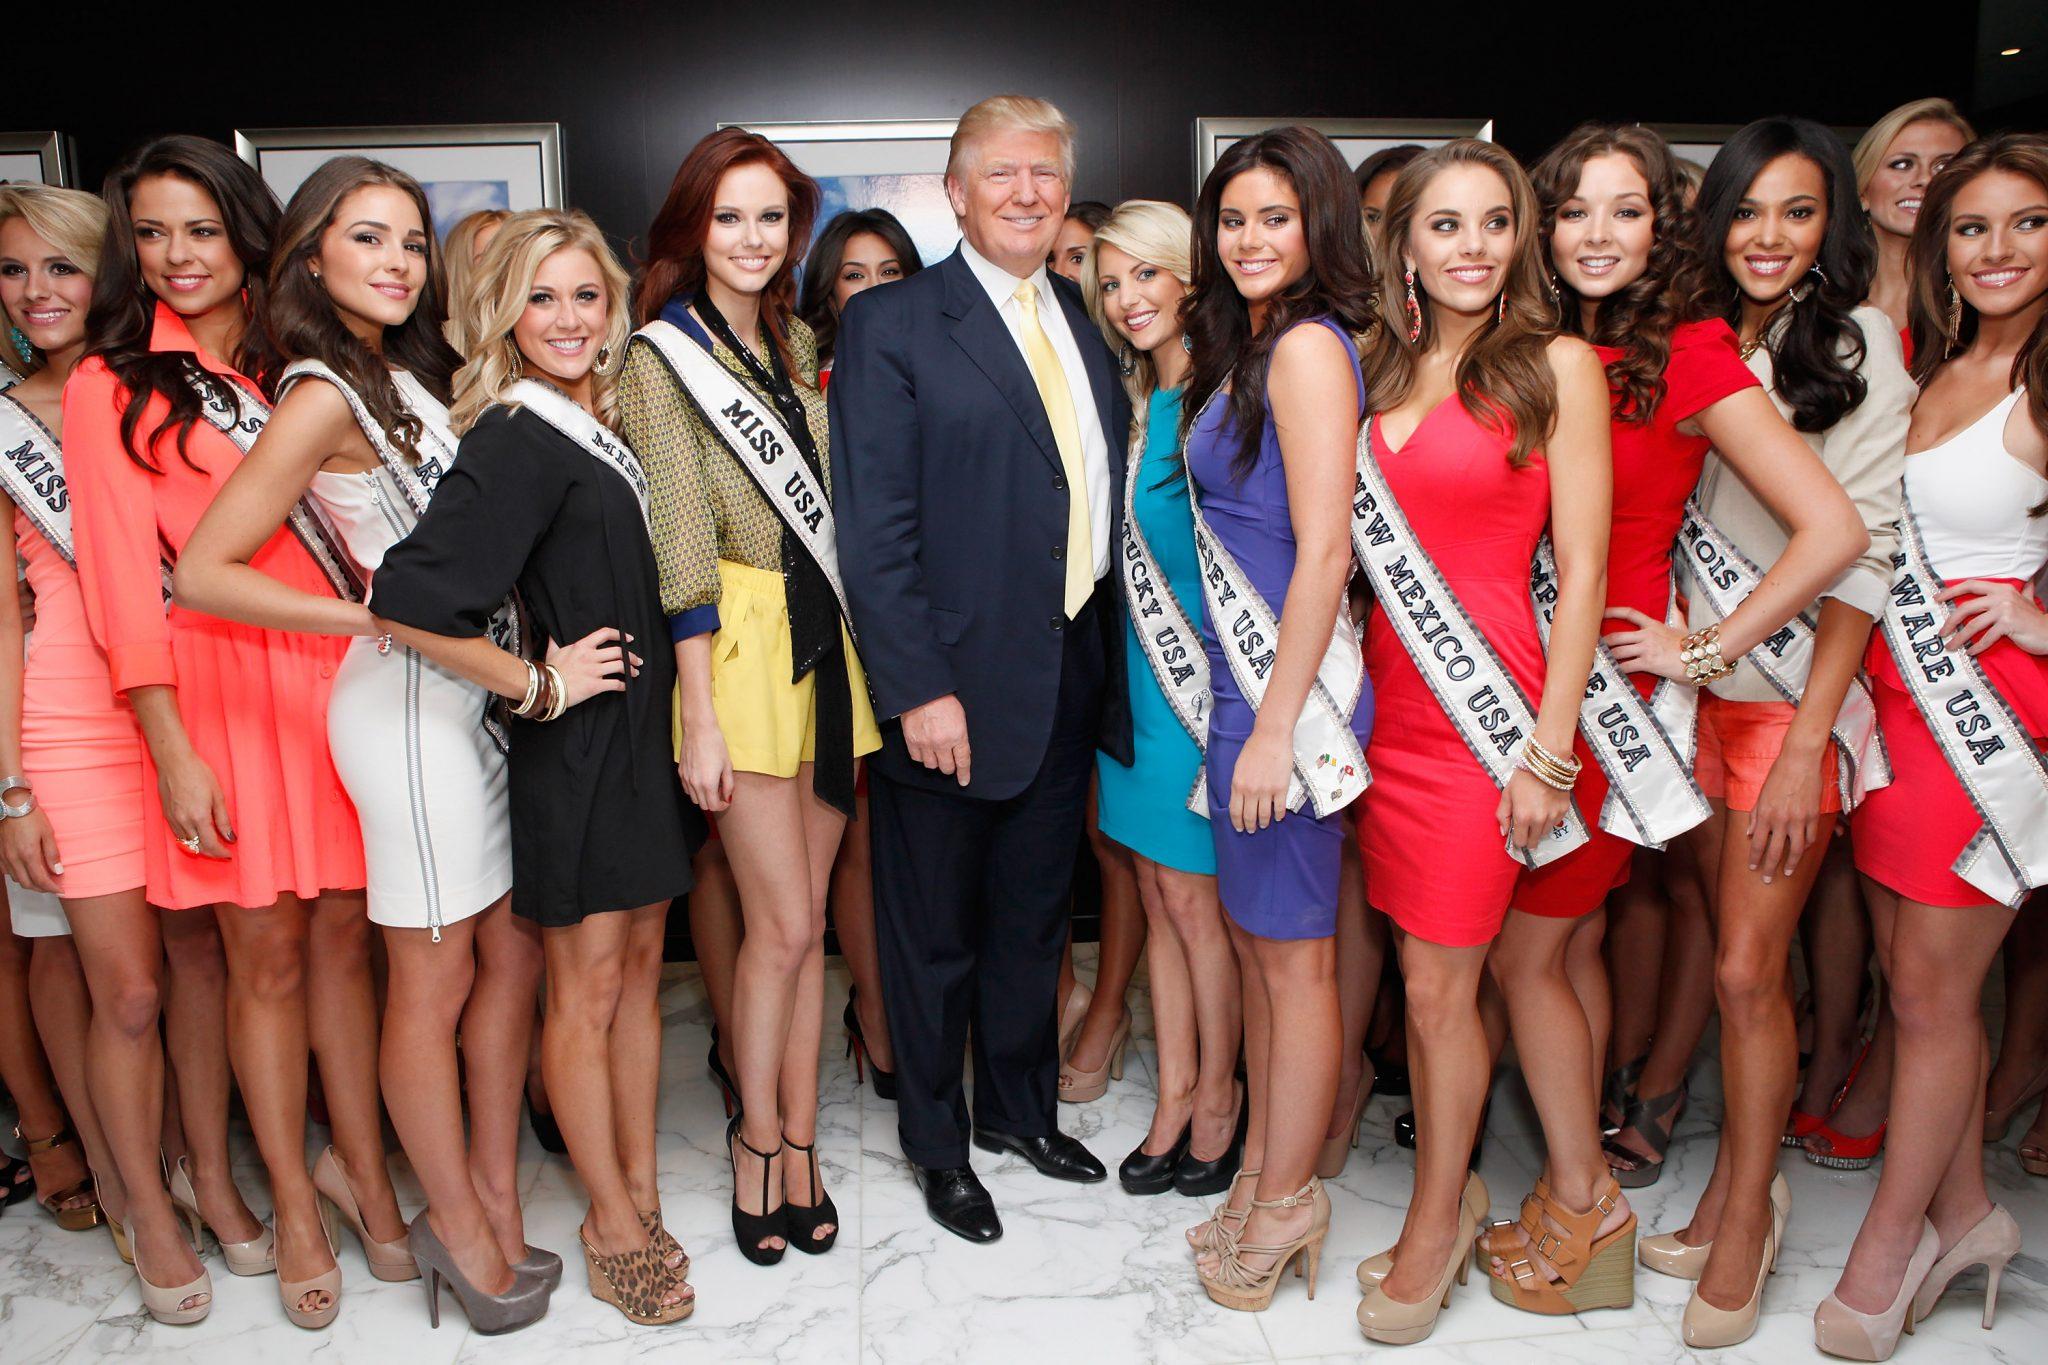 Дональд Трамп конкурс мисс вселенная